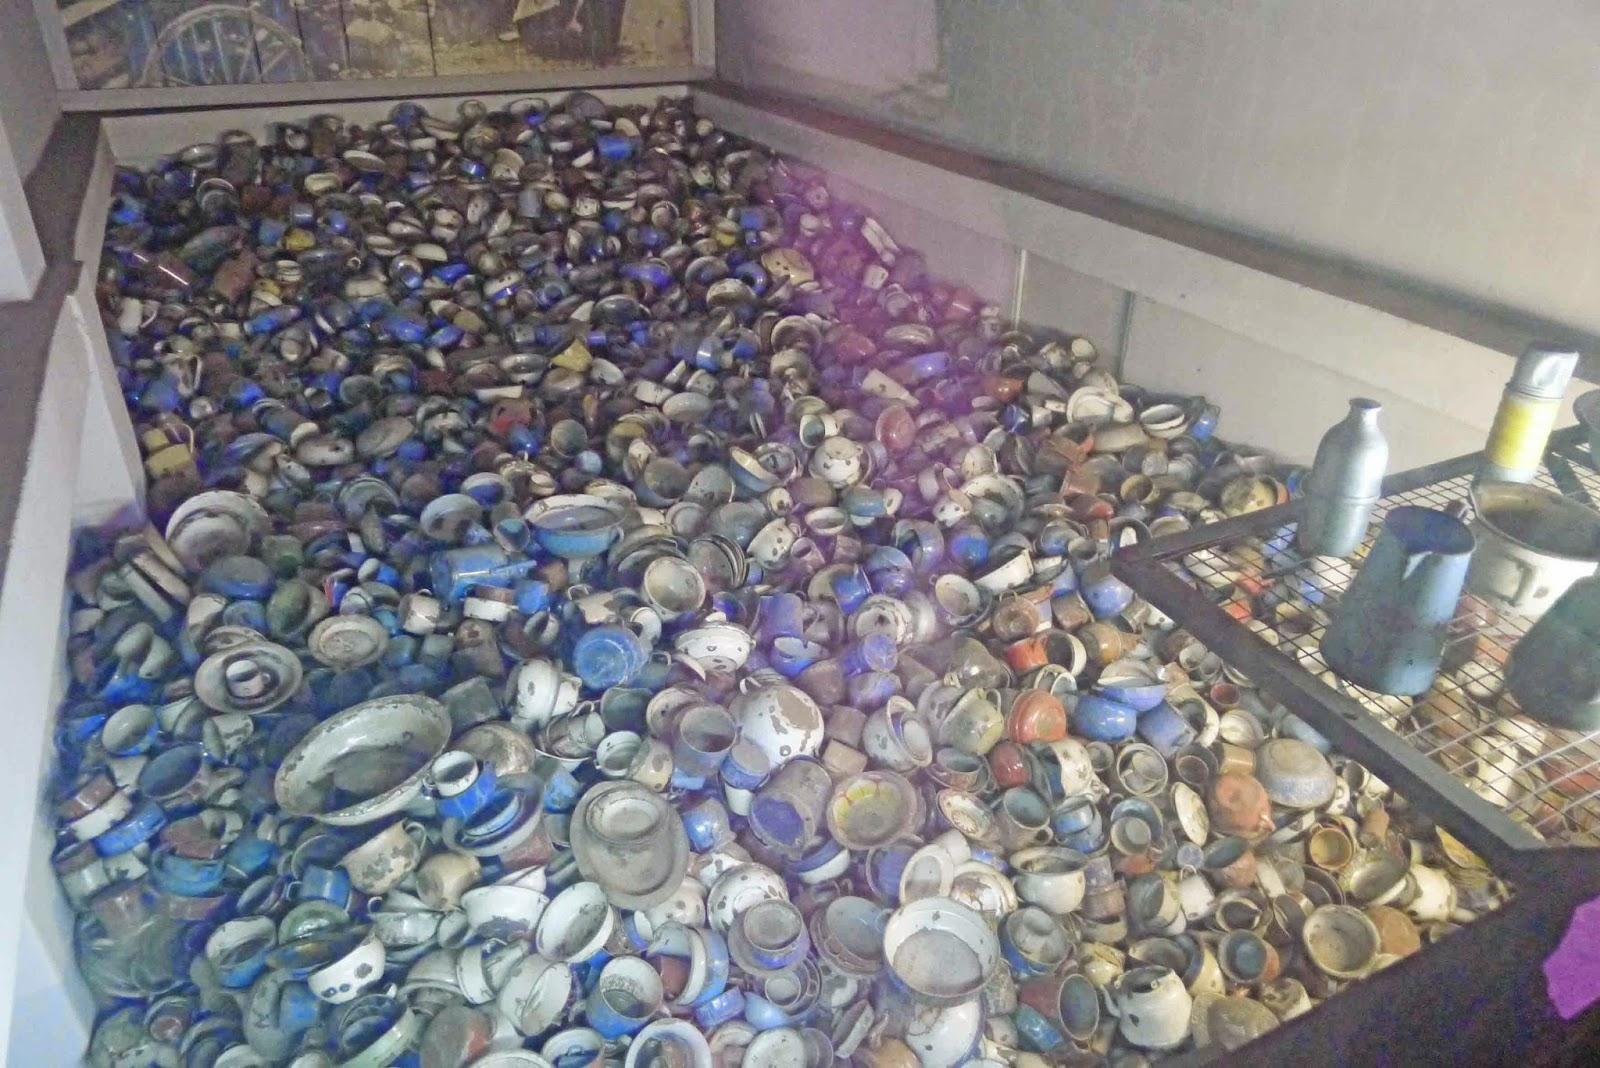 Confiscated Kitchen Ware at Auschwitz